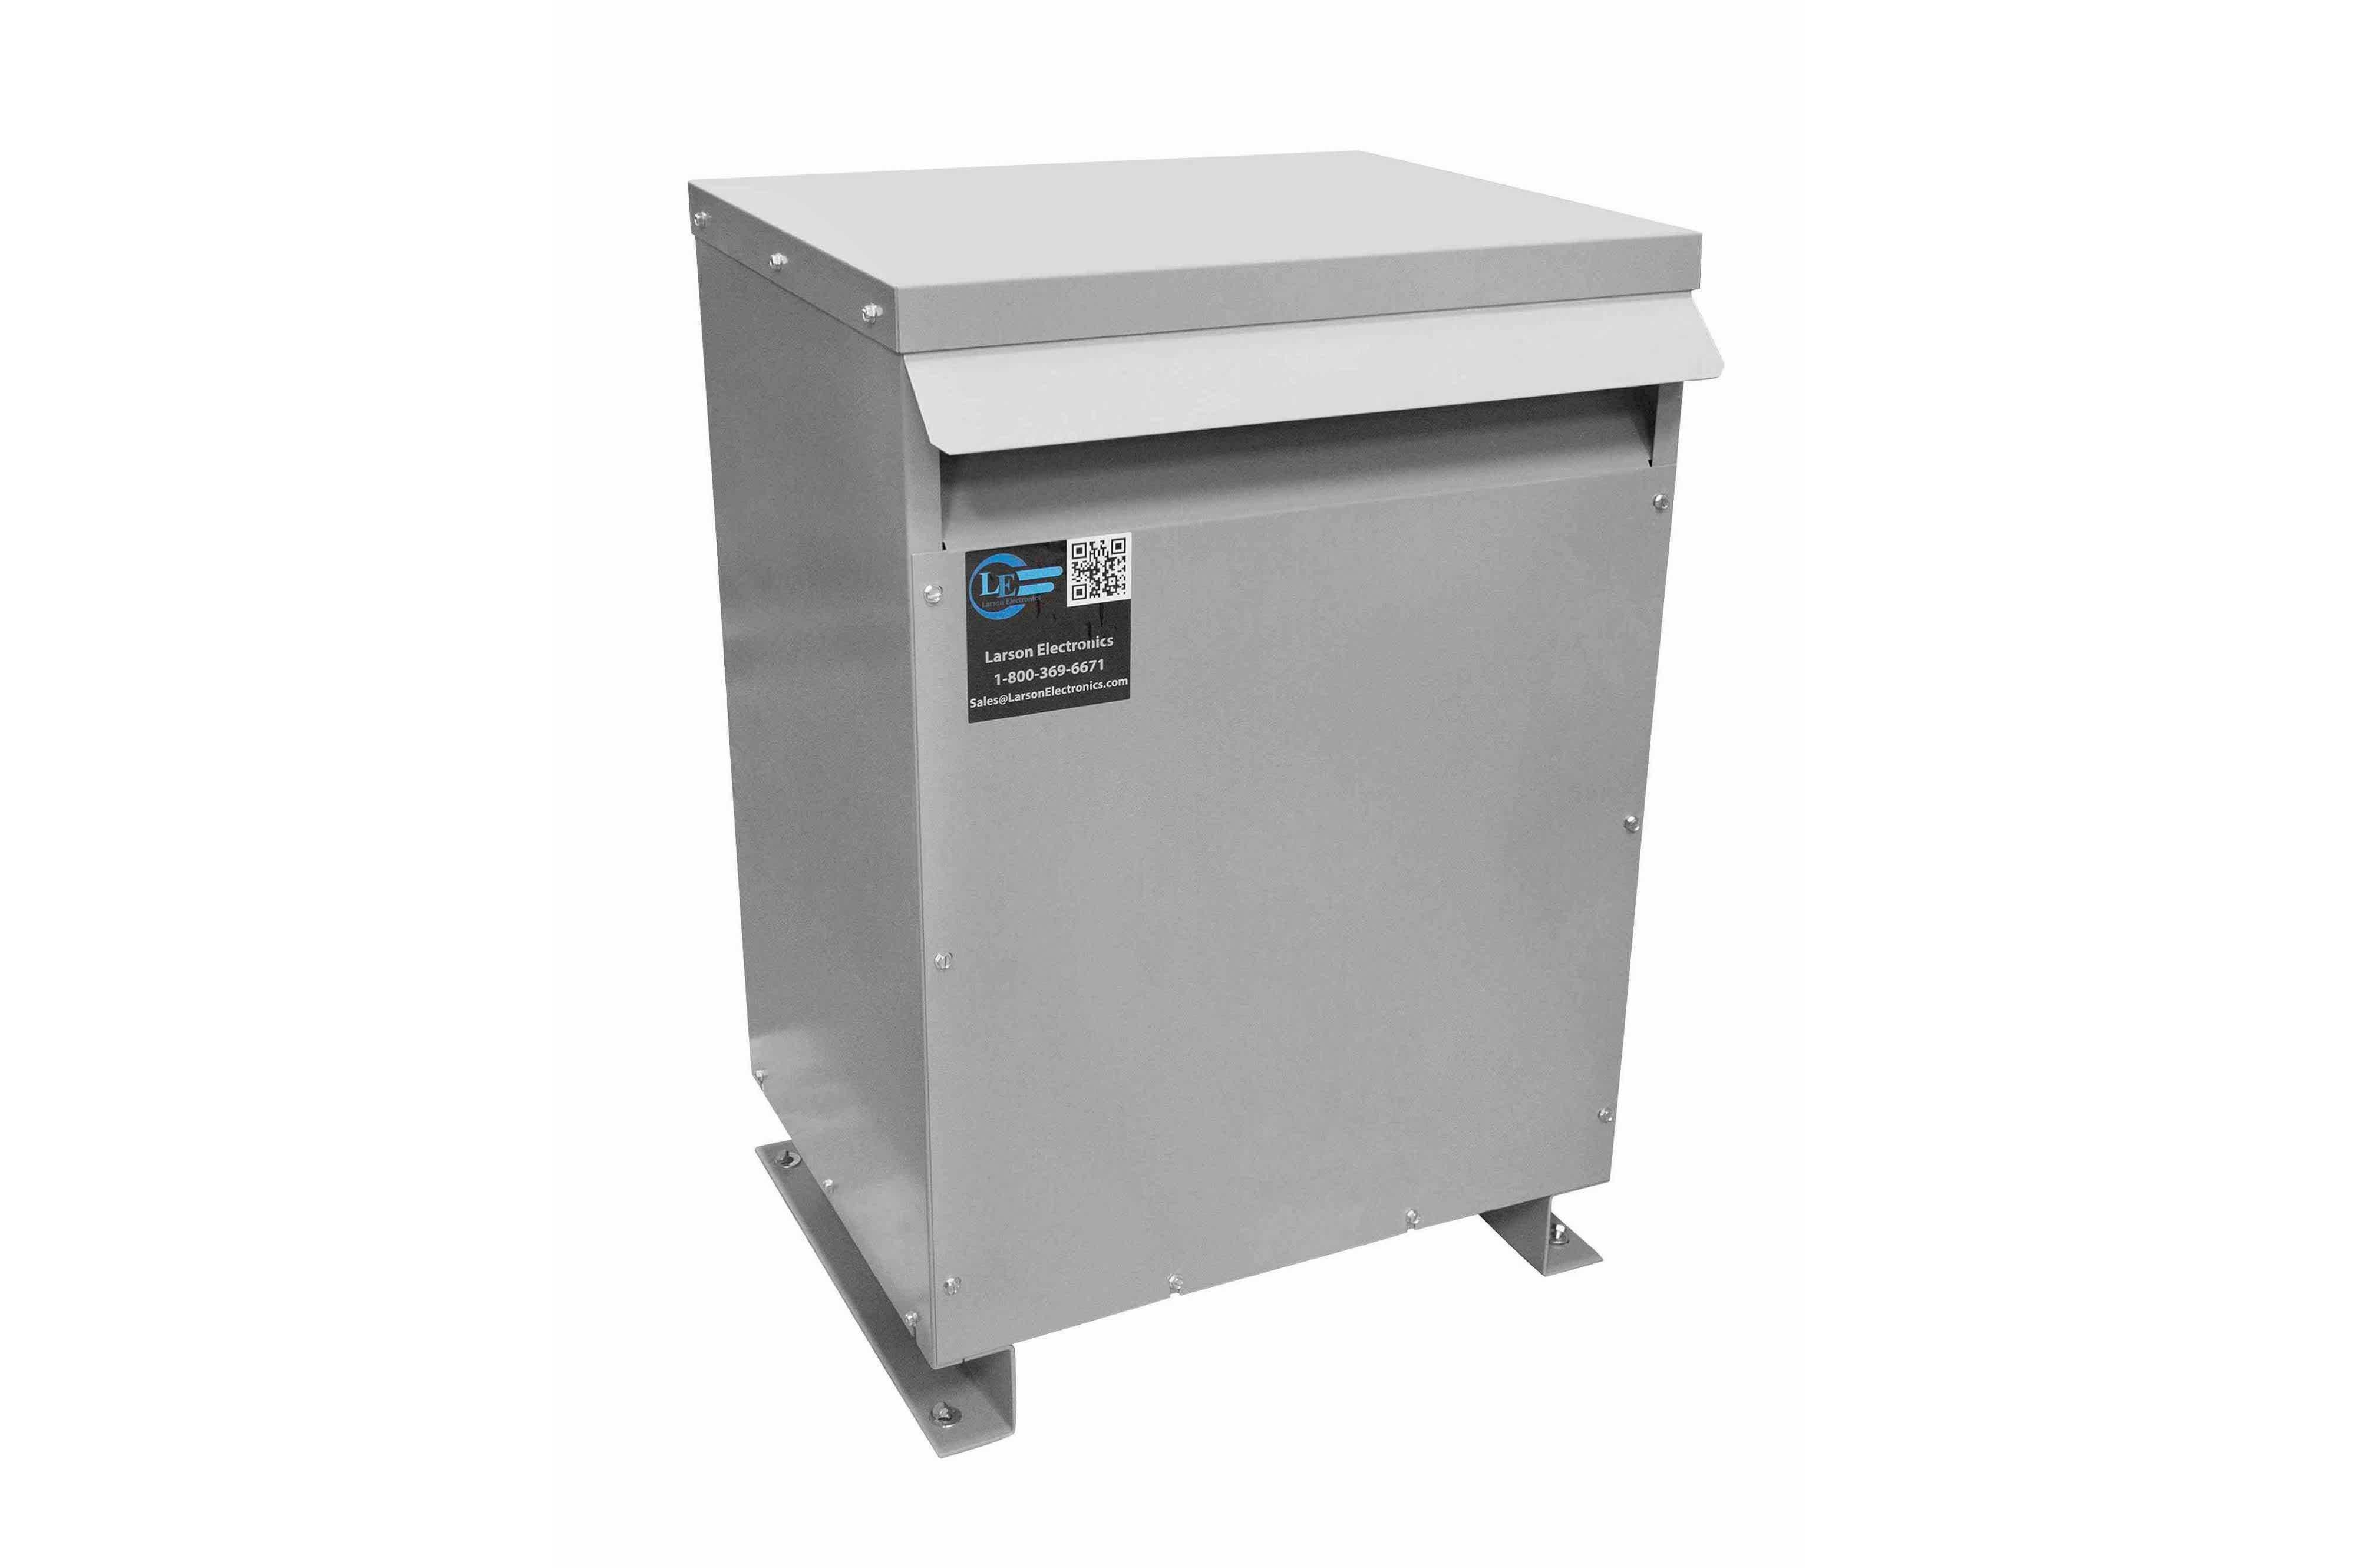 45 kVA 3PH Isolation Transformer, 220V Delta Primary, 208V Delta Secondary, N3R, Ventilated, 60 Hz